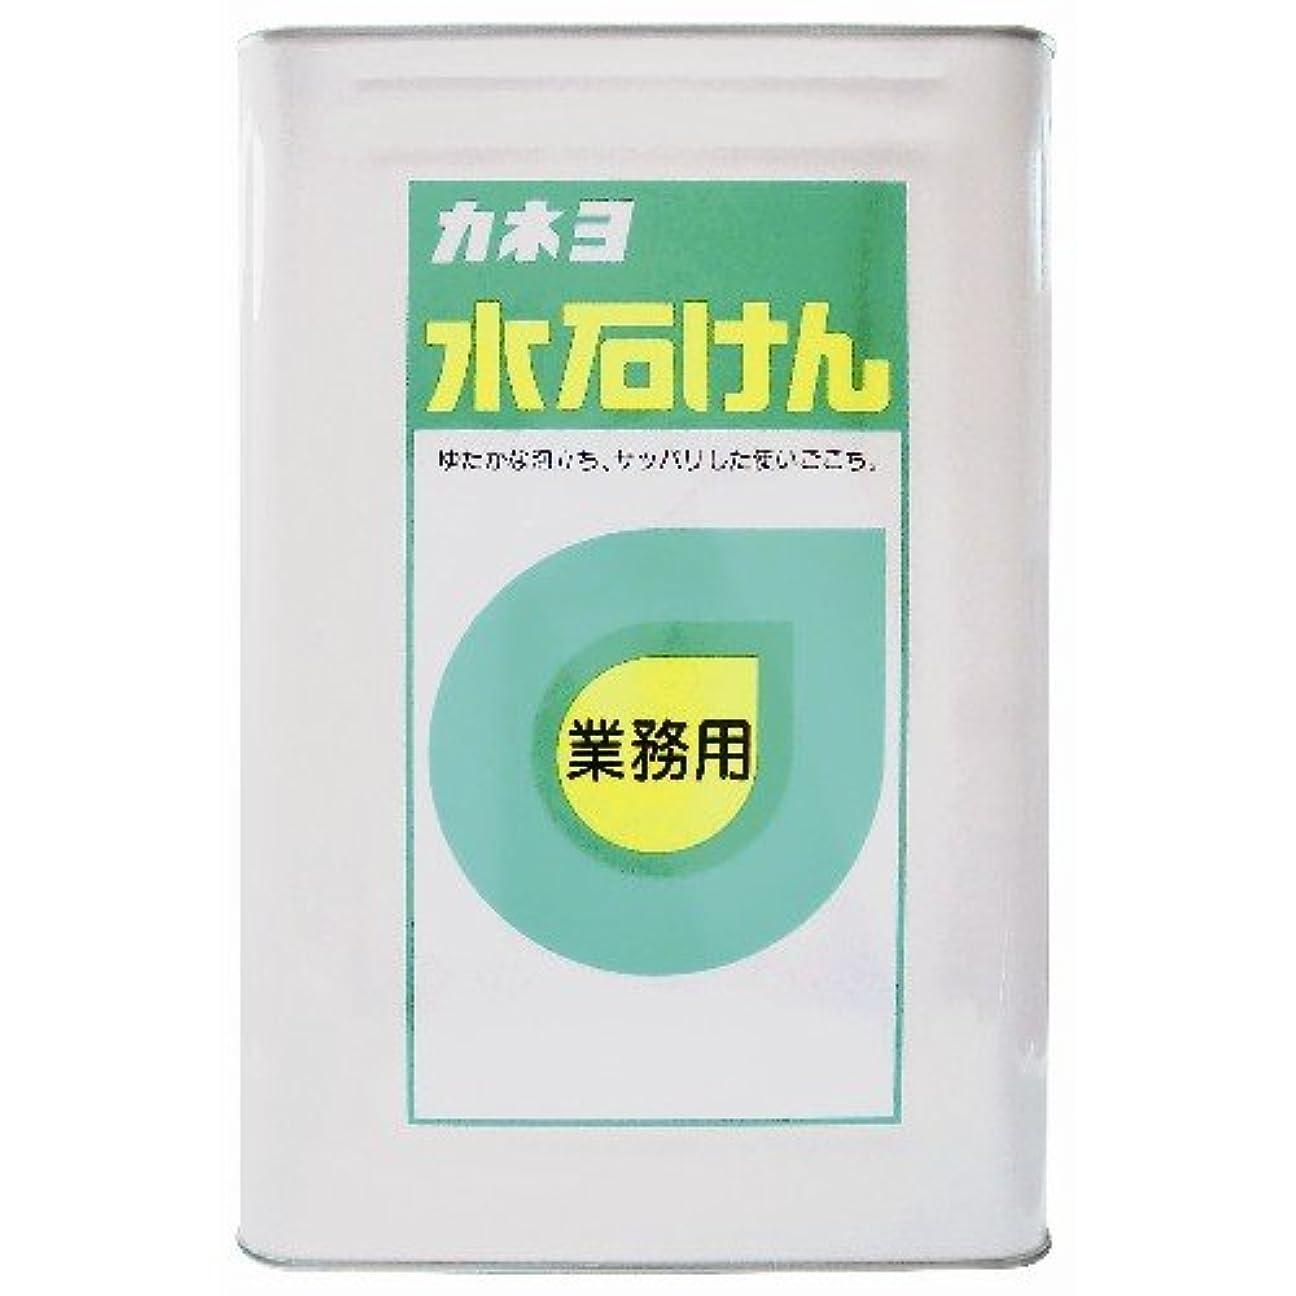 コンペ特権的ニックネーム【大容量】 カネヨ石鹸 ハンドソープ 水石けん 液体 業務用 18L 一斗缶